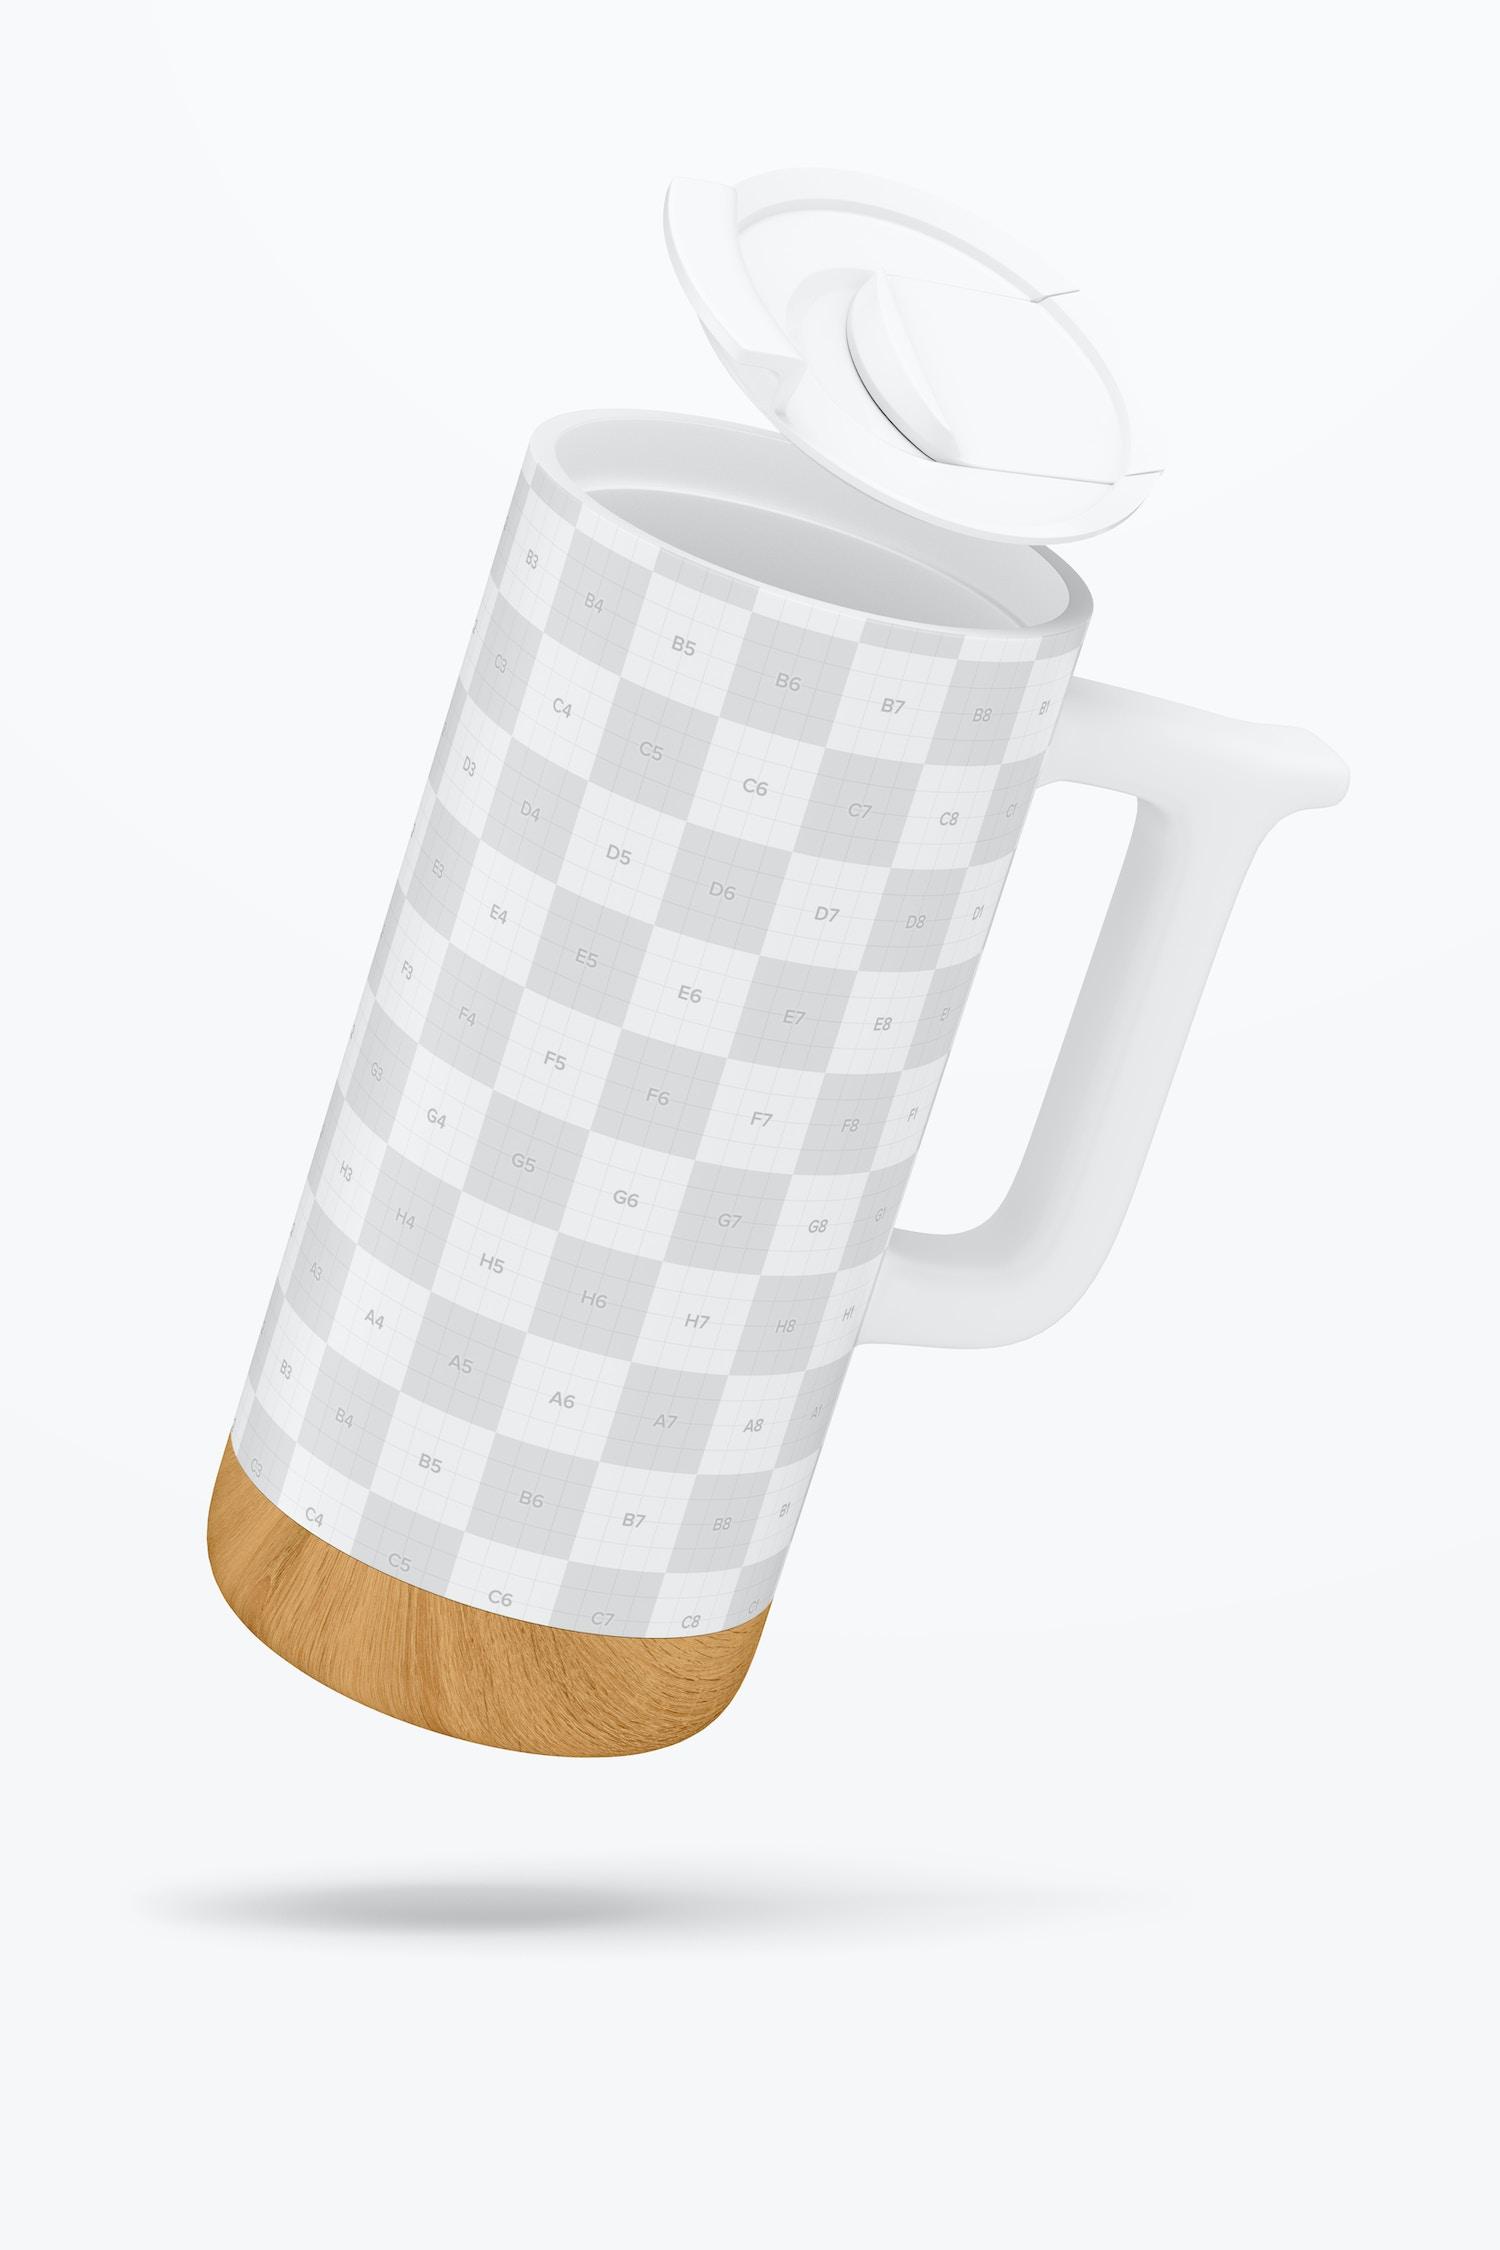 16 oz Ceramic Mug with Wood Base Mockup, Floating